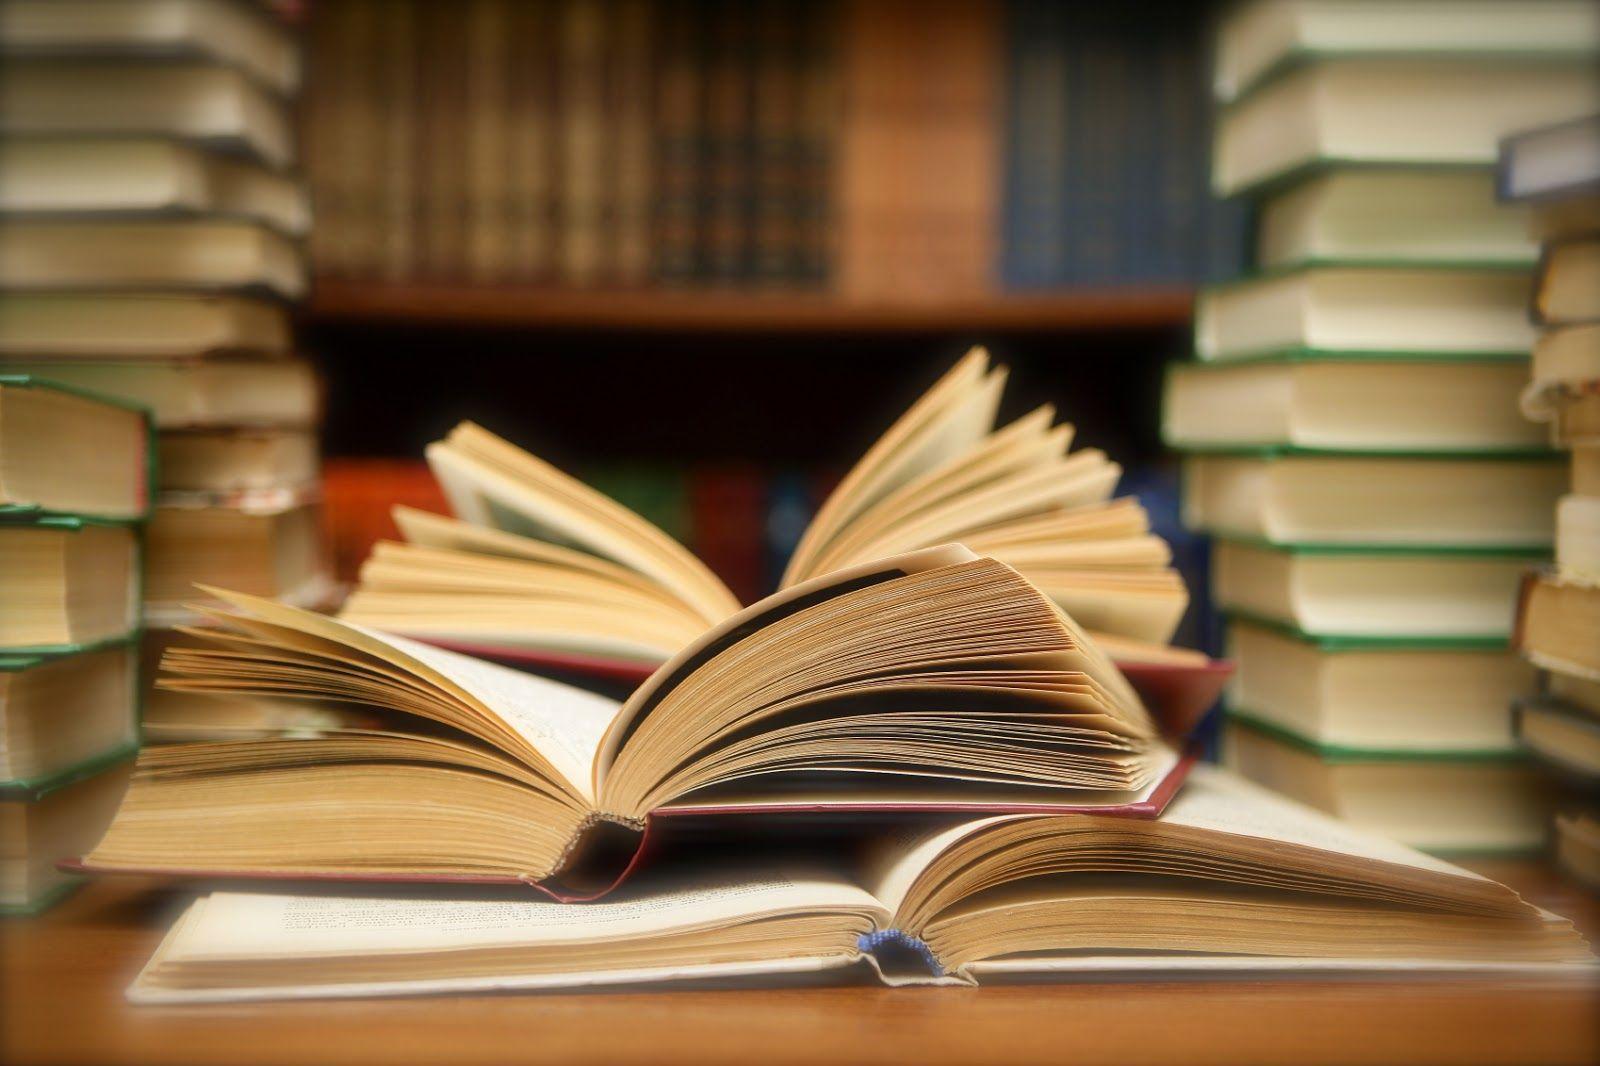 Hình Ảnh Người thành đạt đọc sách khác chúng ta thế nào? Kênh Kiến Thức Và Tri Thức